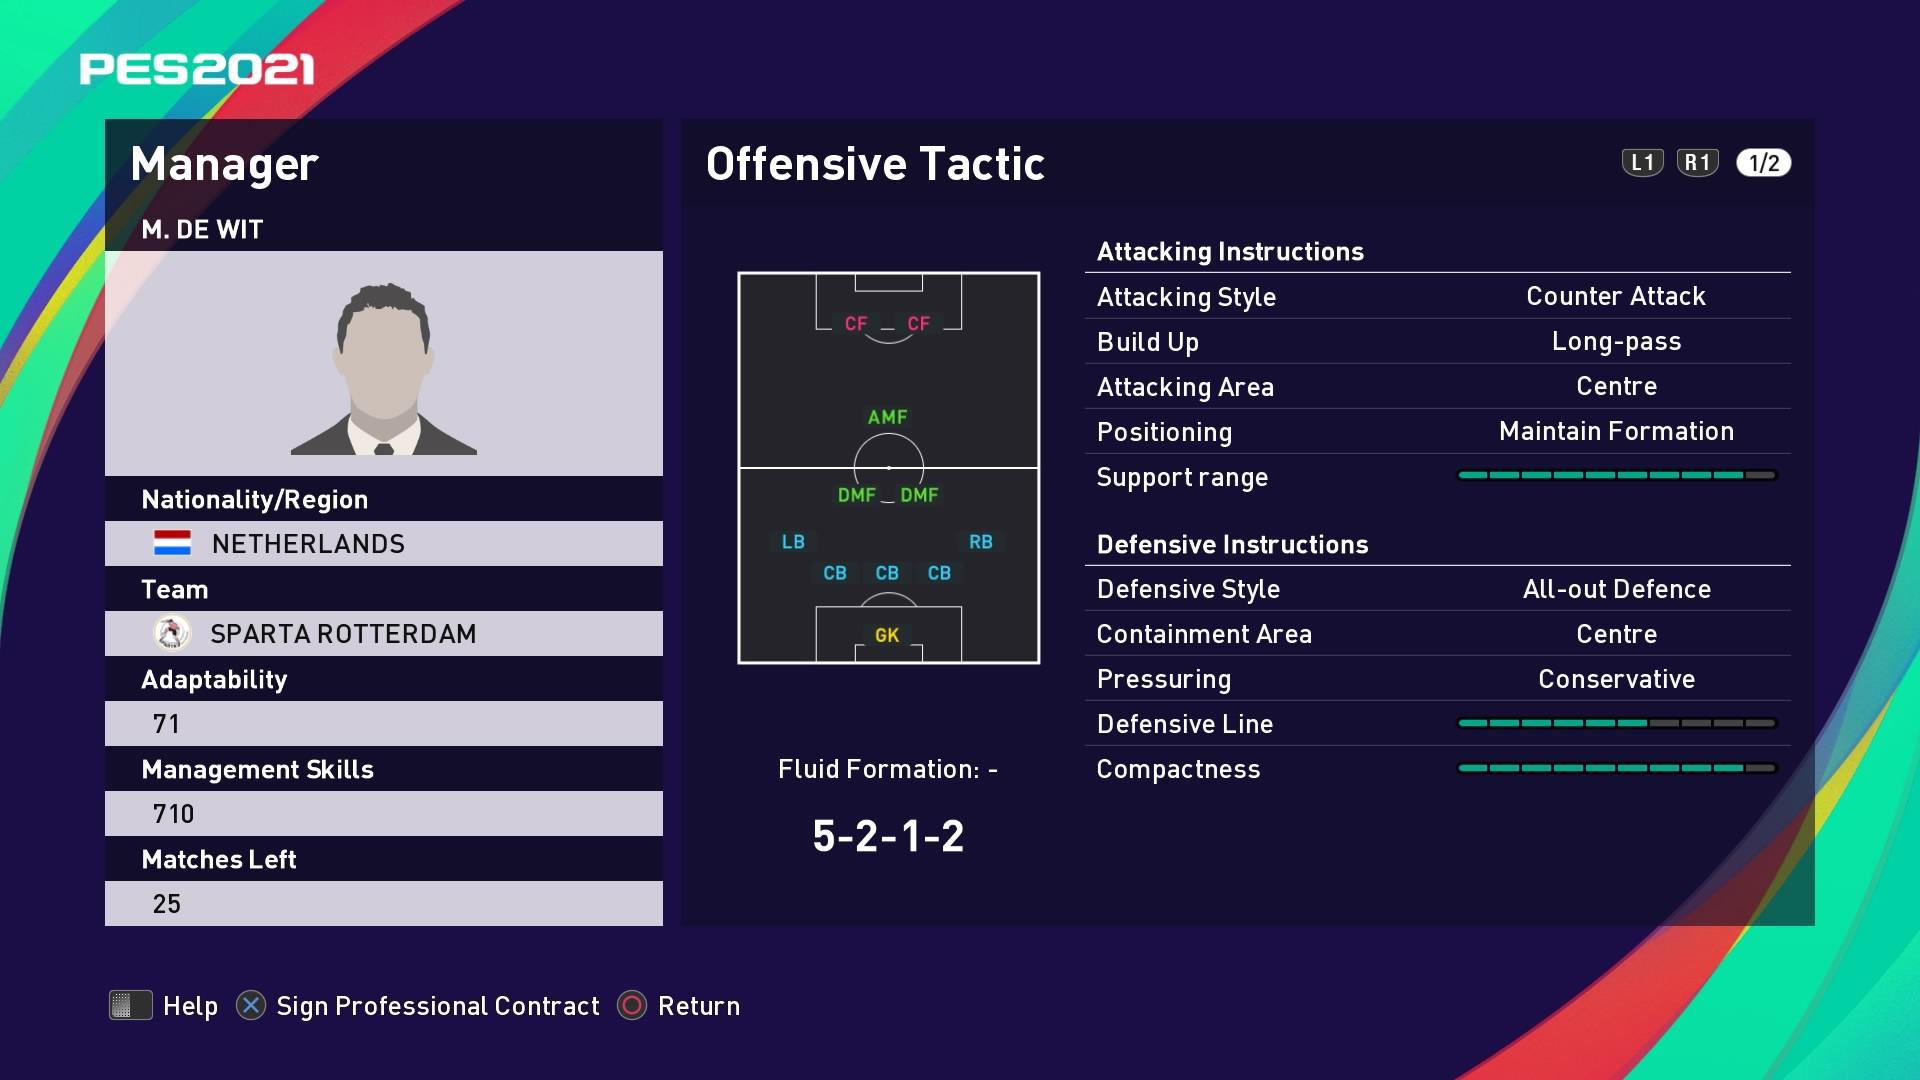 M. De Wit (Henk Fraser) Offensive Tactic in PES 2021 myClub